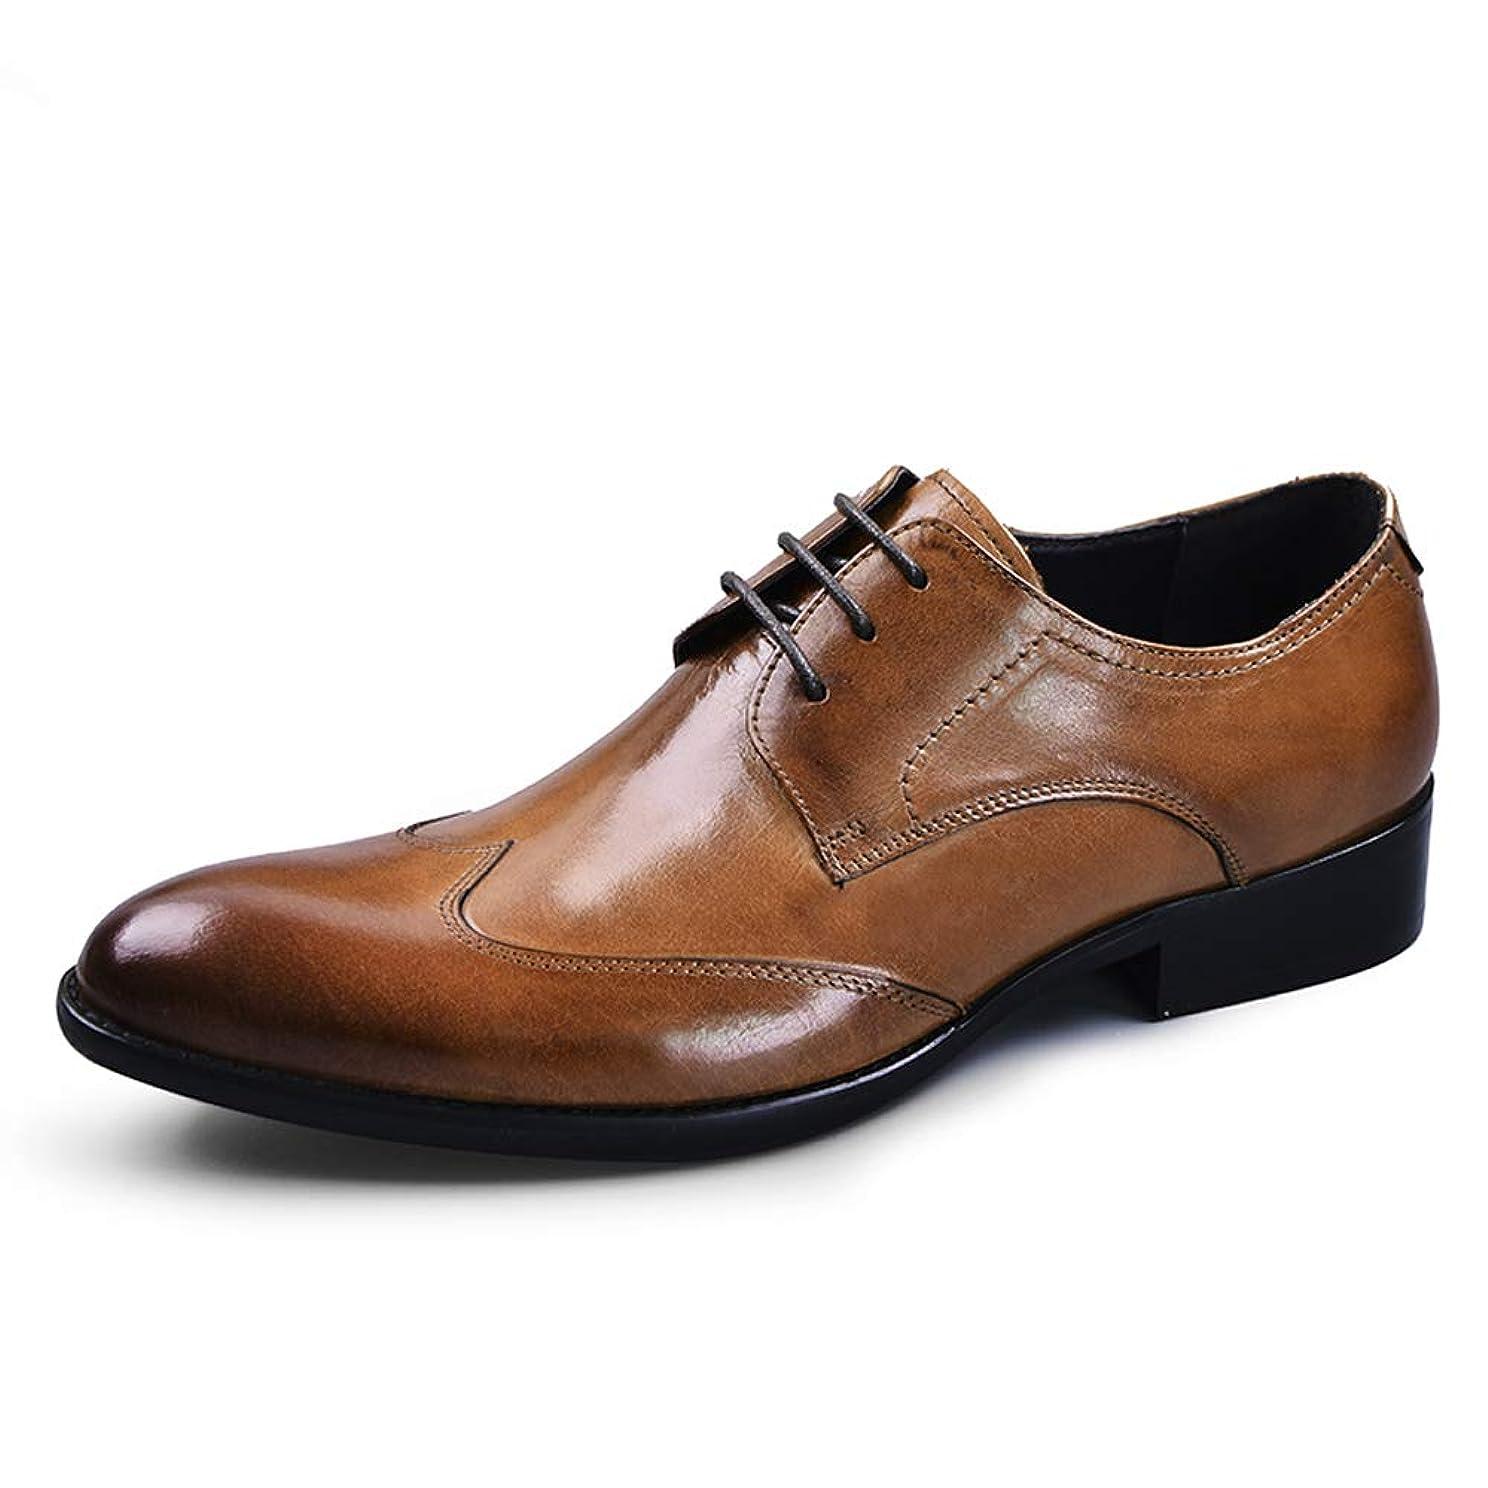 持ってるパッドせっかち[アシアー] Asier ビジネスシューズ 紳士靴 外羽根 ストレートチップ ウイングチップ メンズ 本革 革靴 ASI-103 ブラック/ワインレッド/ブラウン 23.5cm-28cm